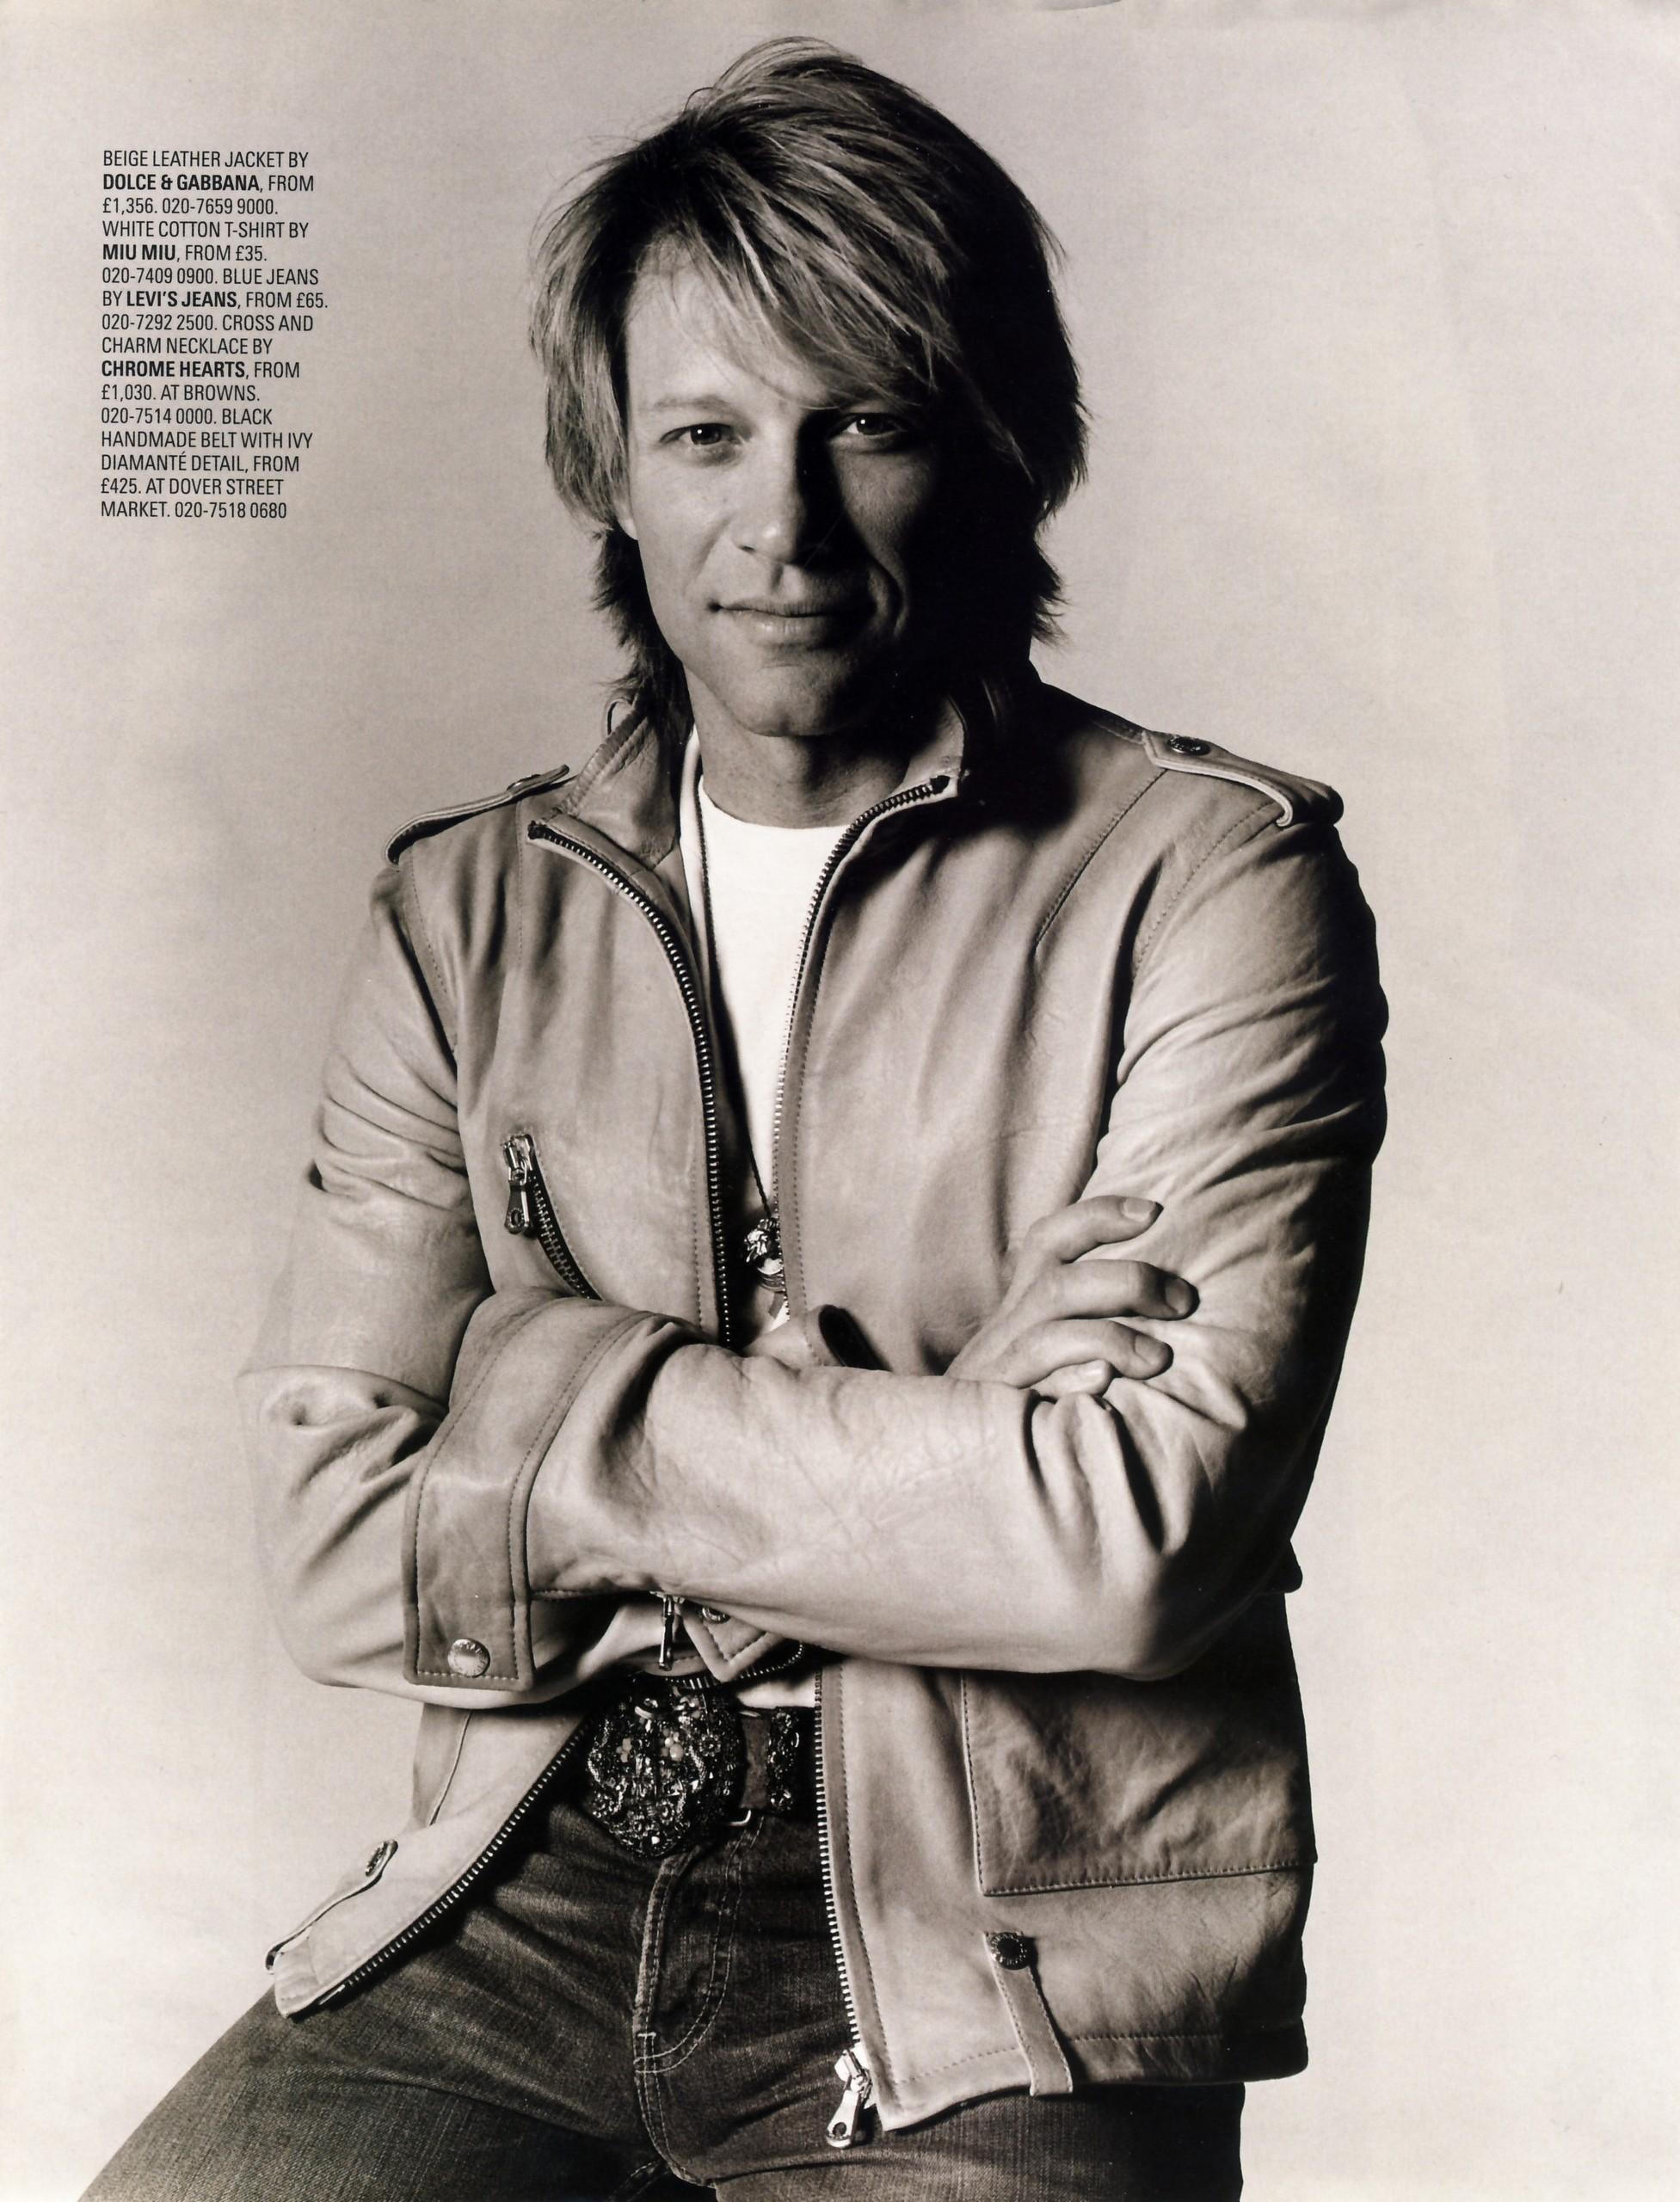 Http Www Fanpop Com Clubs Bon Jovi Images 15216289 Title Bon Jovi Photo